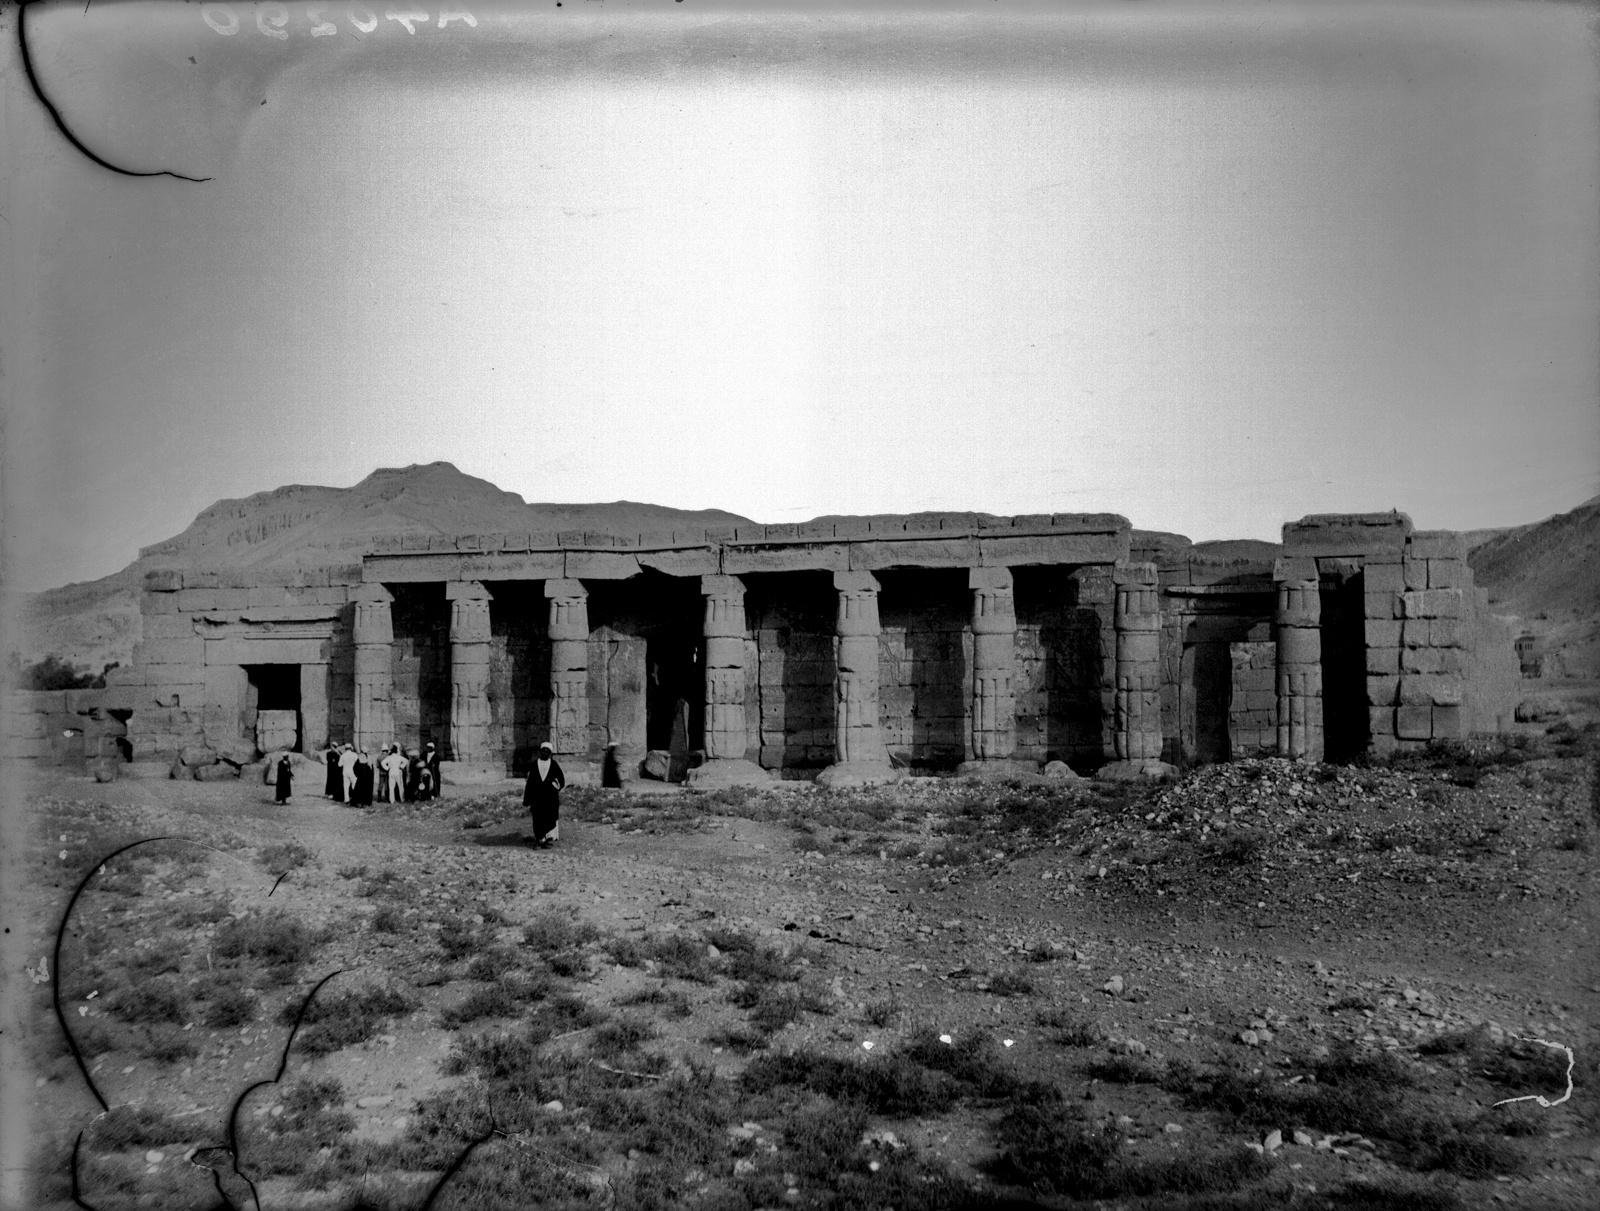 Заупокойный храм Сети I с каменными колоннами возле некрополя Шейх Абд эль-Курна